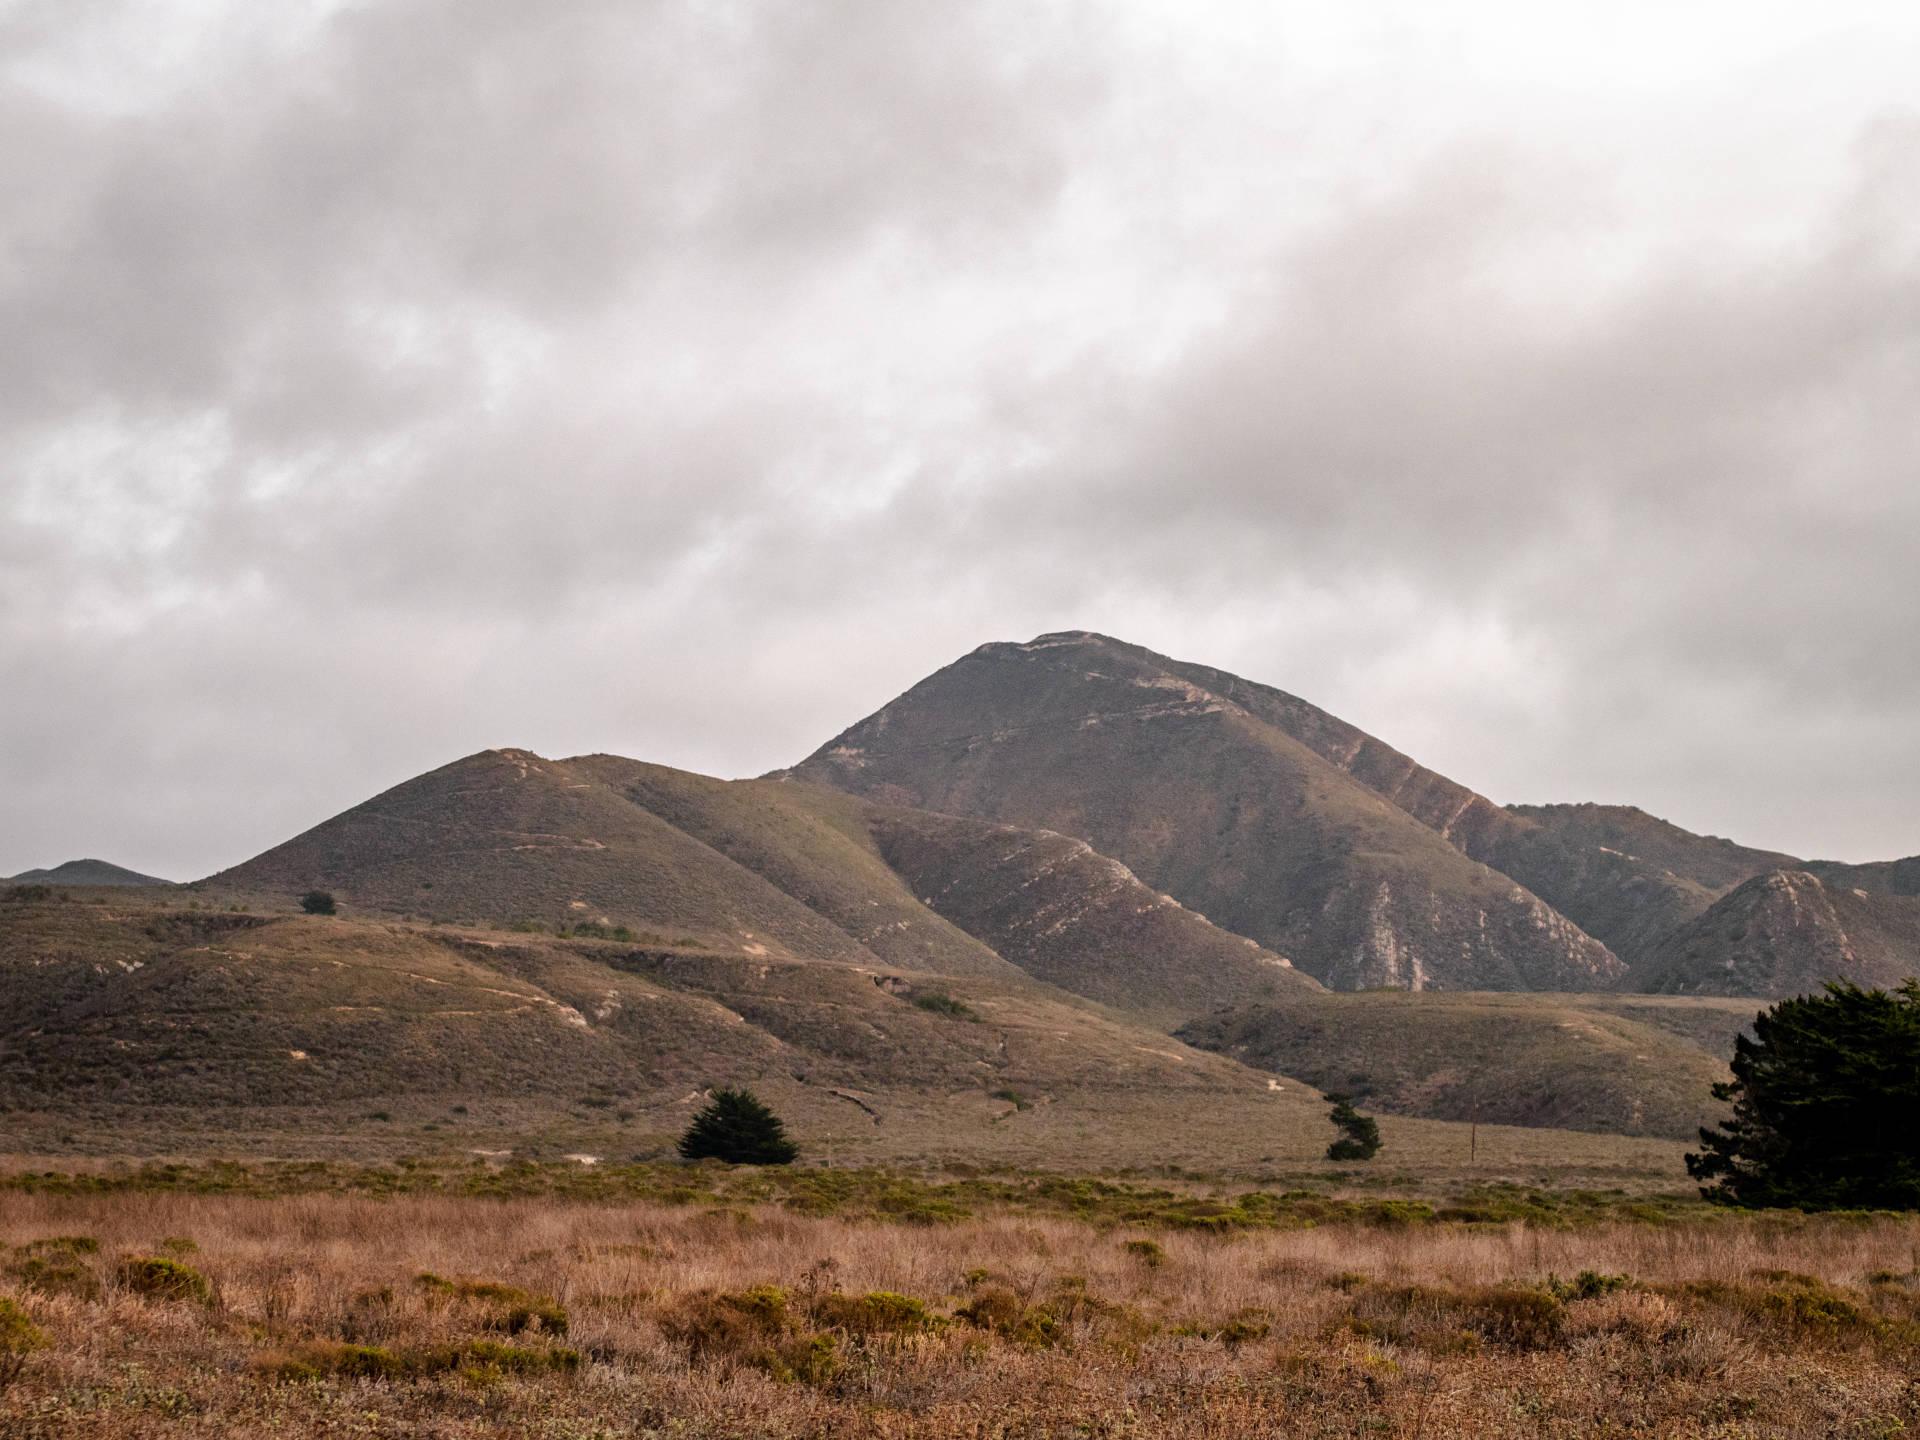 Los Osos Mountain Range